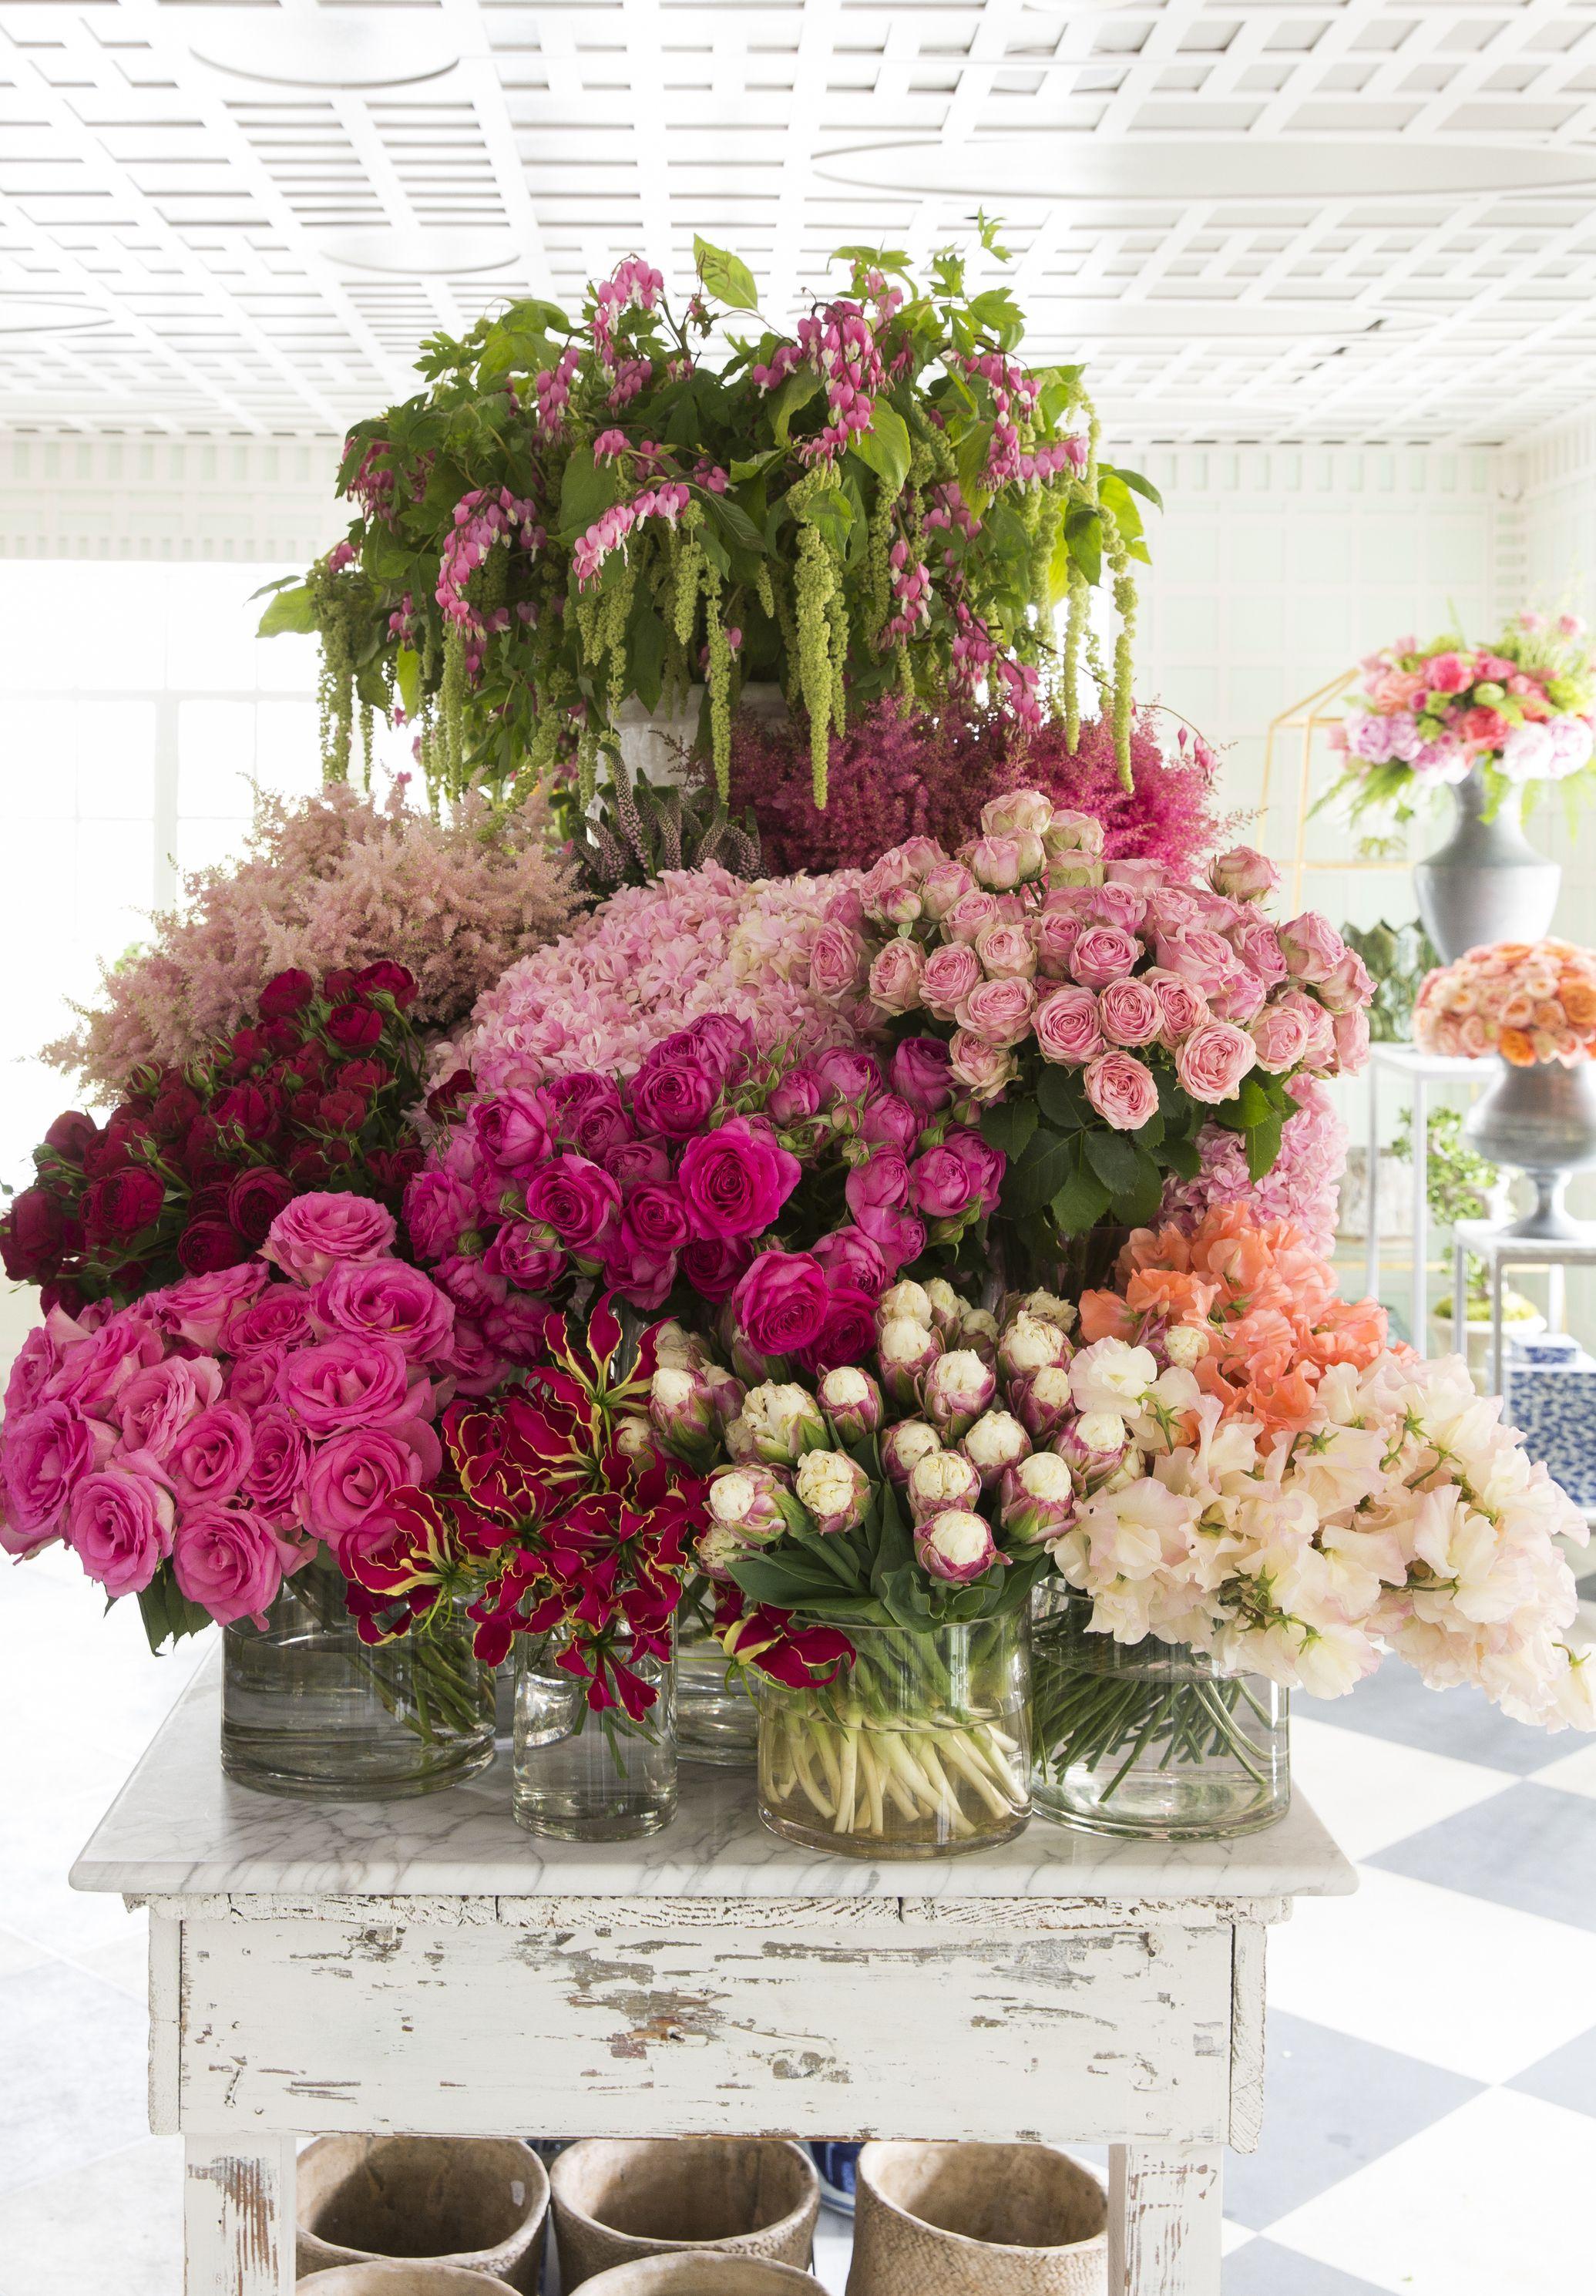 Pin by leyla ahmet on dolce vita pinterest flower shops flowers gardens flower farmshop ideasbeautiful izmirmasajfo Gallery